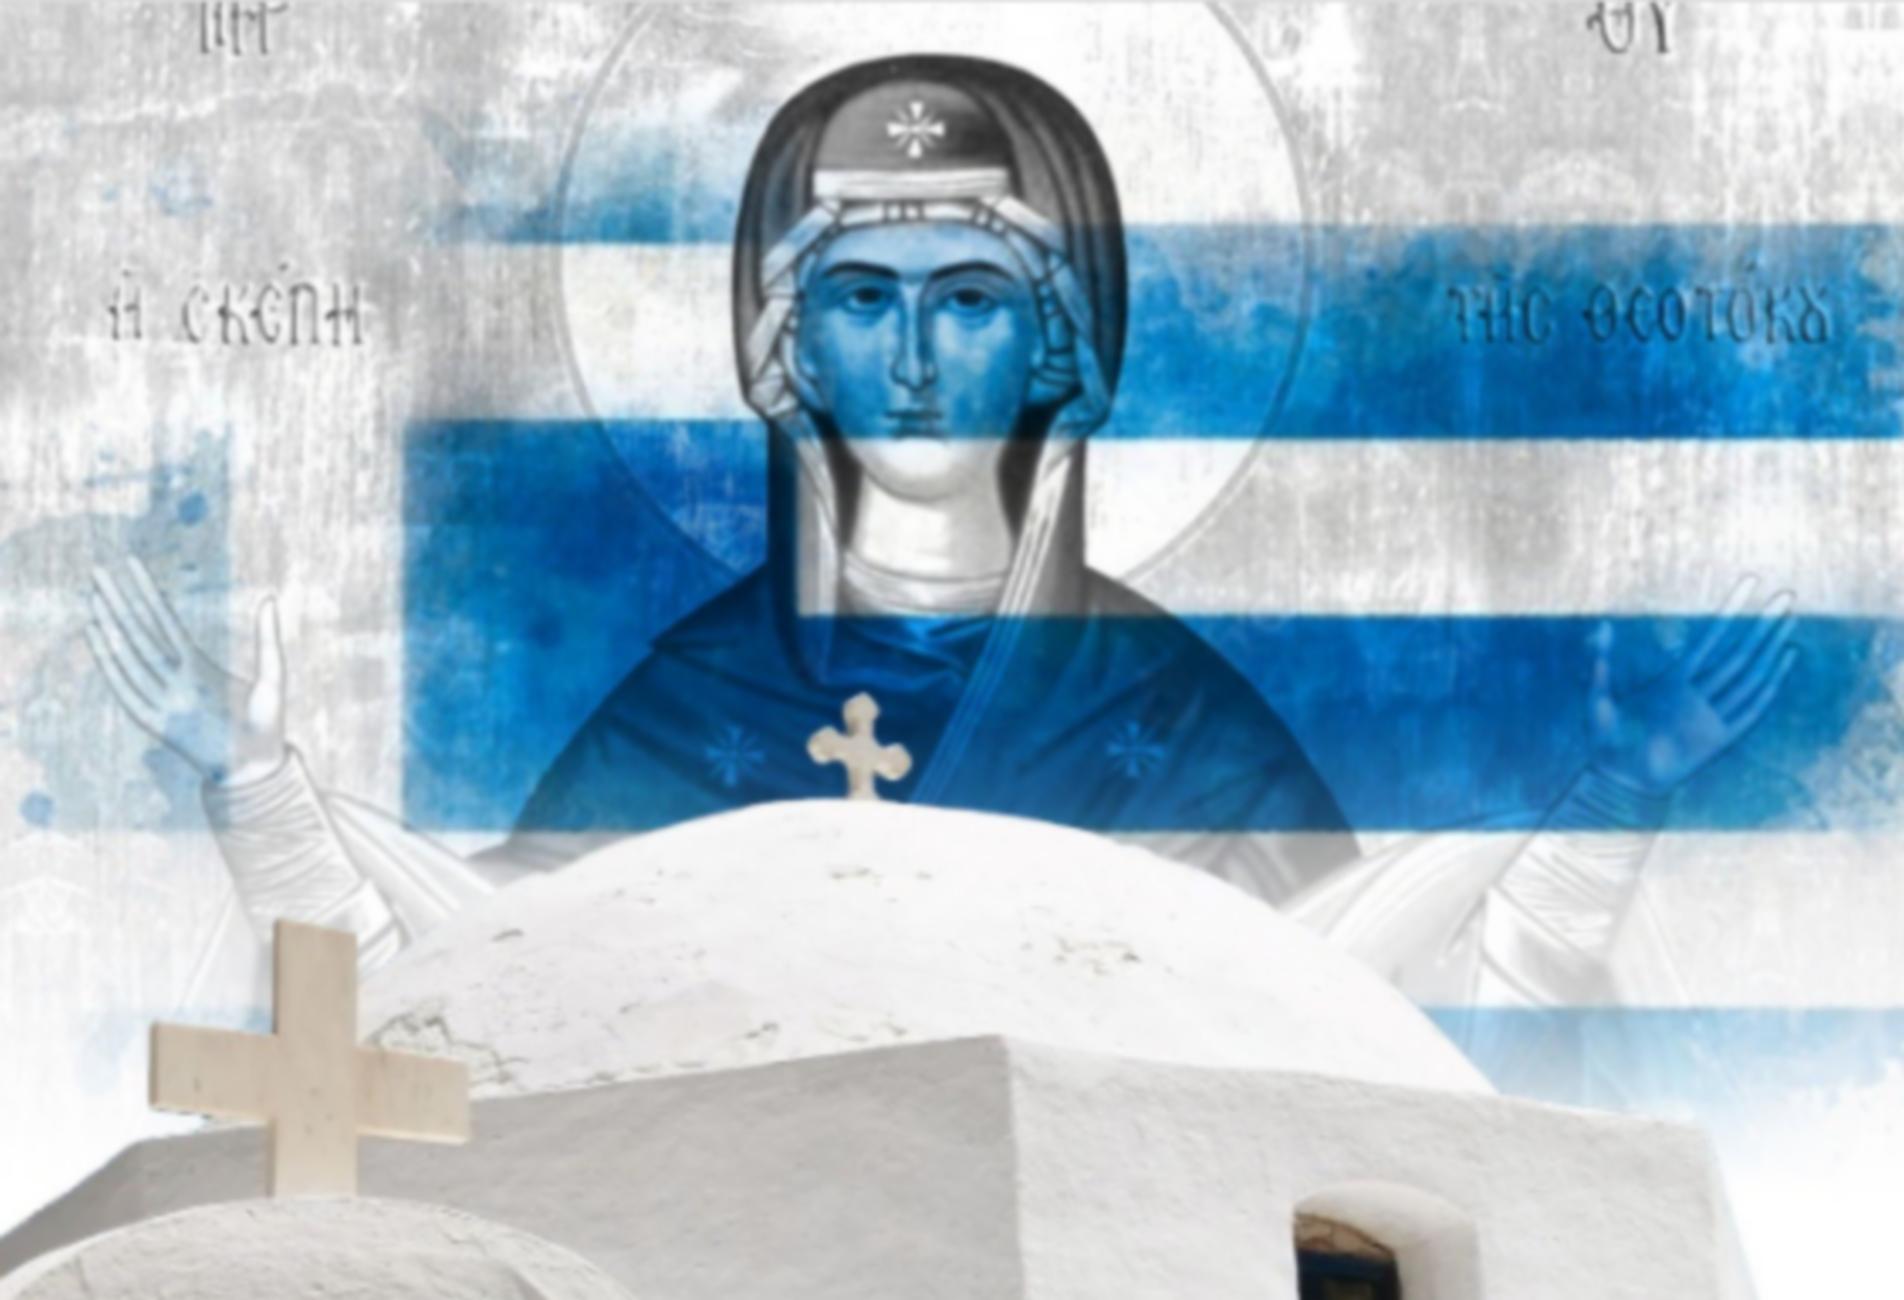 ΑΕΚ: Ανάρτηση με την Παναγία για τον Δεκαπενταύγουστο